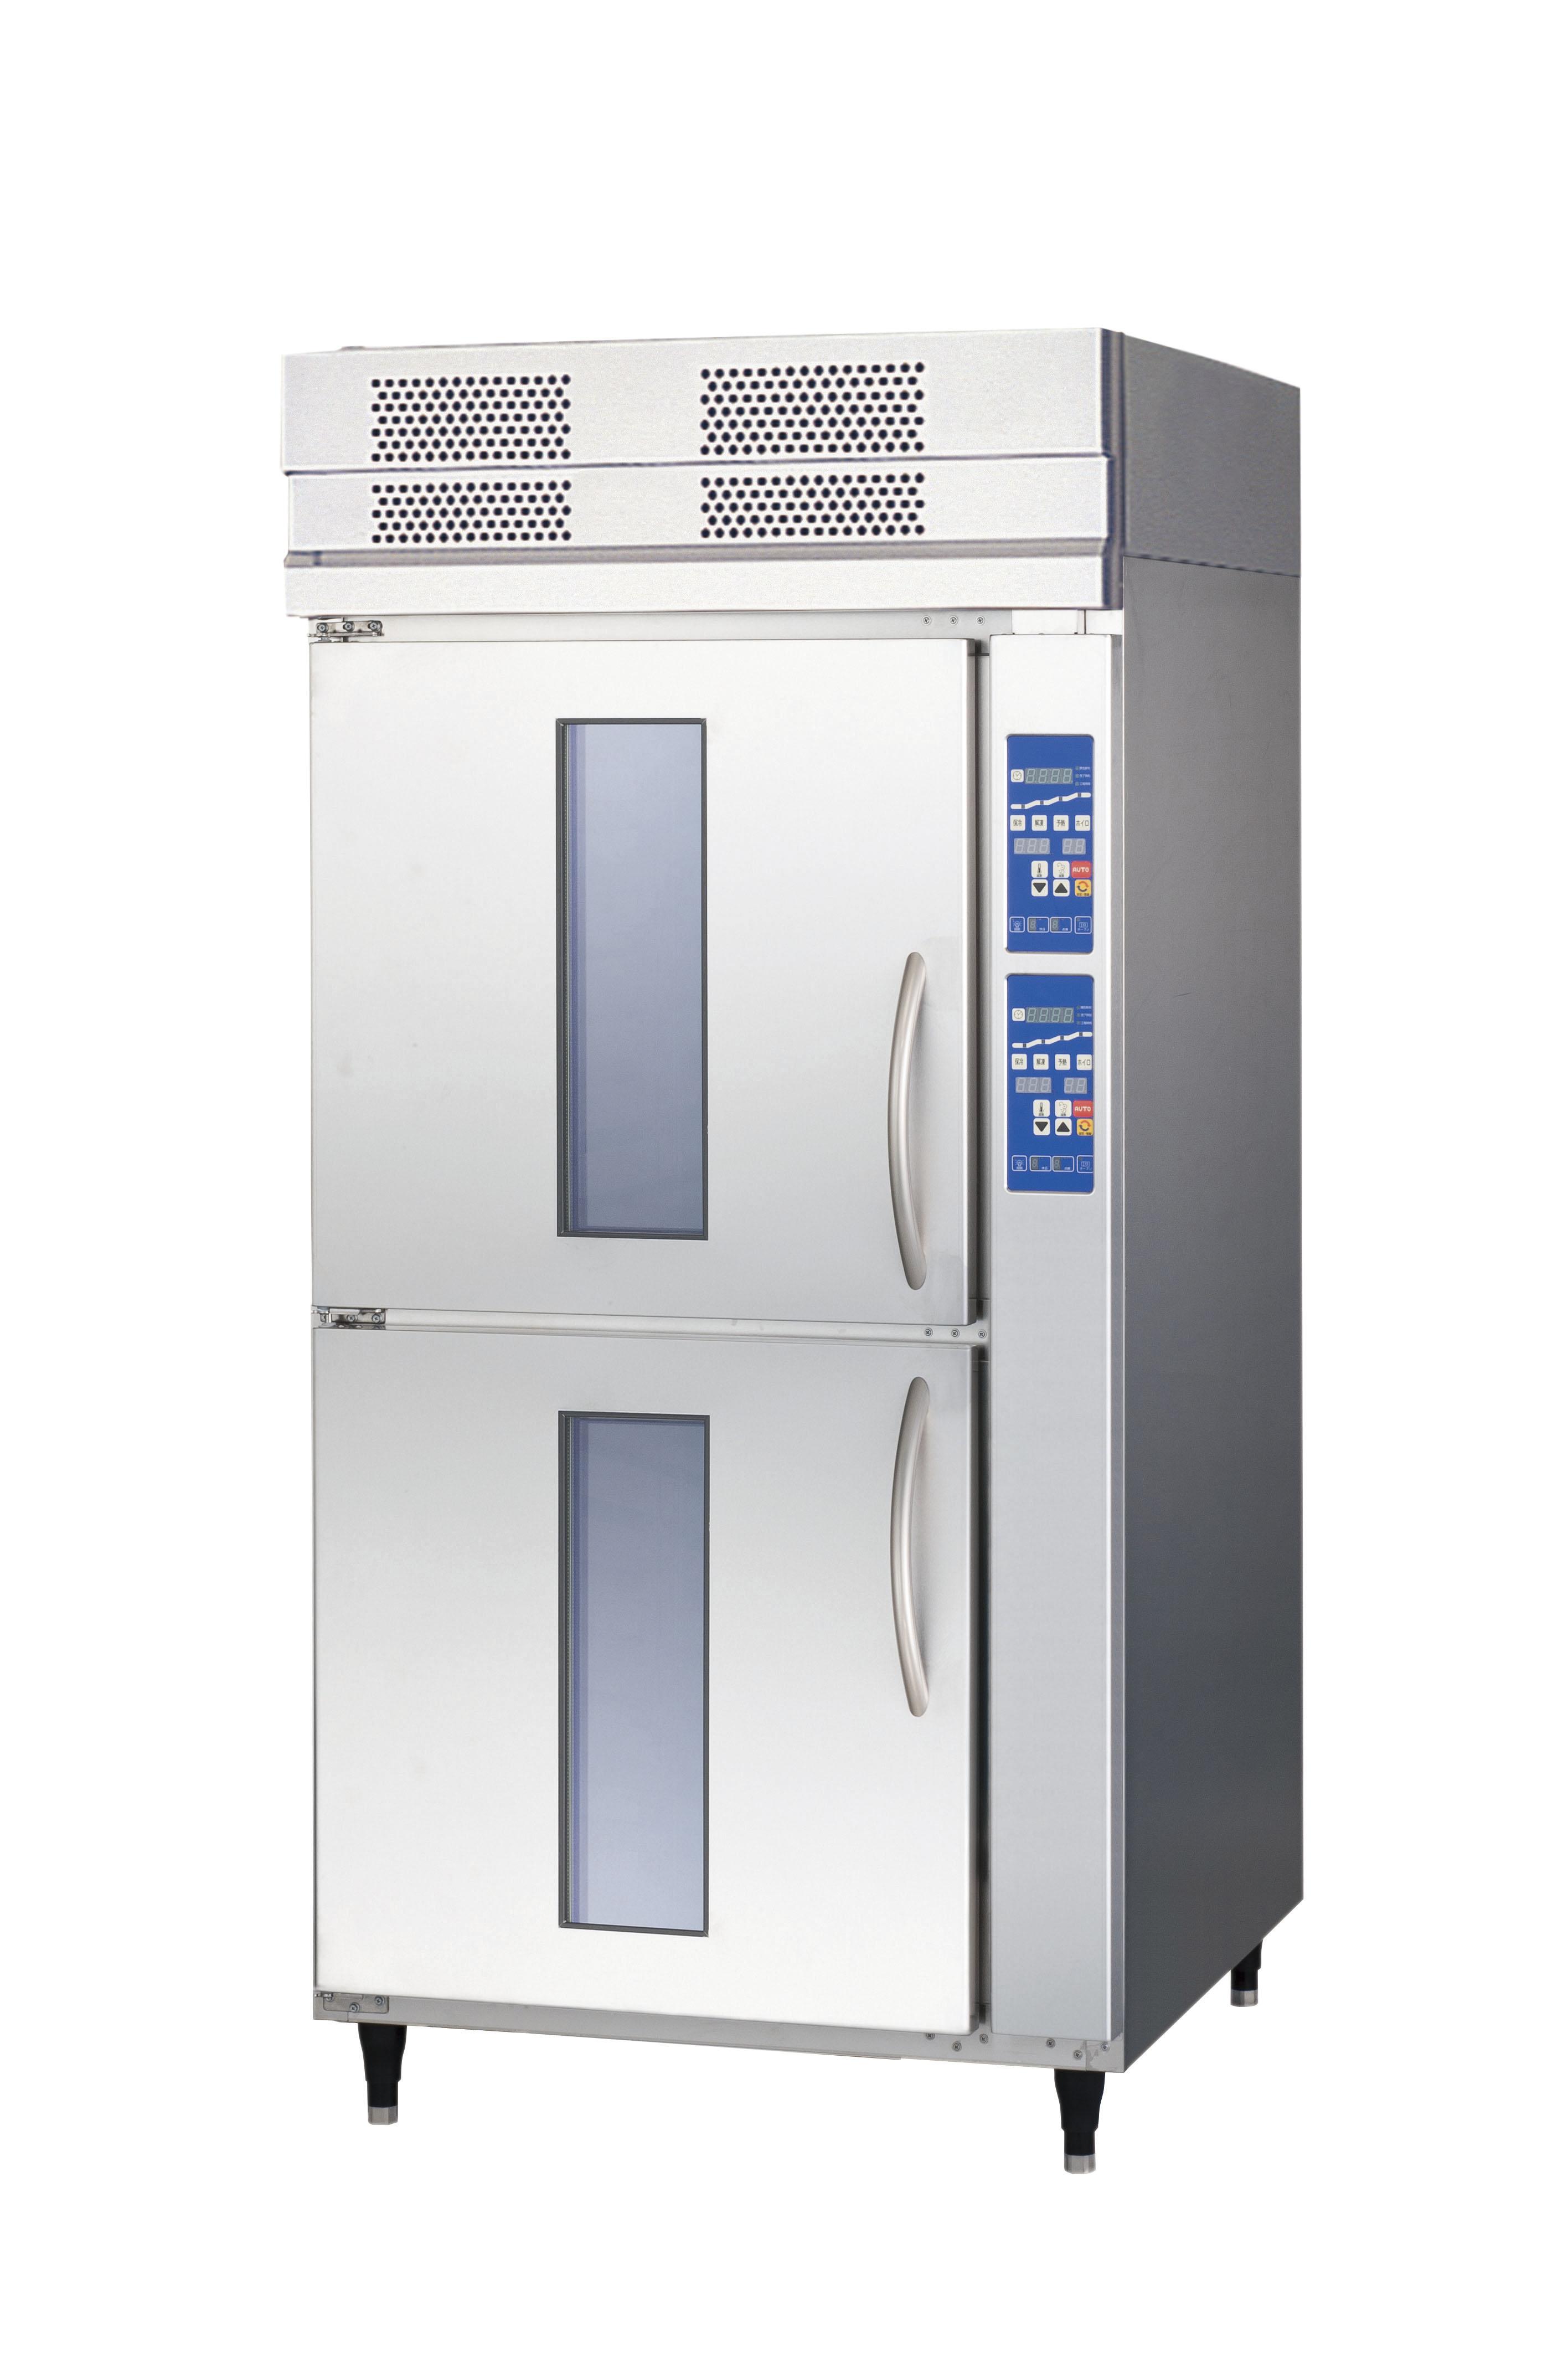 ホイロ - (ベーカリー機器 ドゥコンディショナー・ホイロ):厨房機器・厨房設計の日本給食設備株式会社